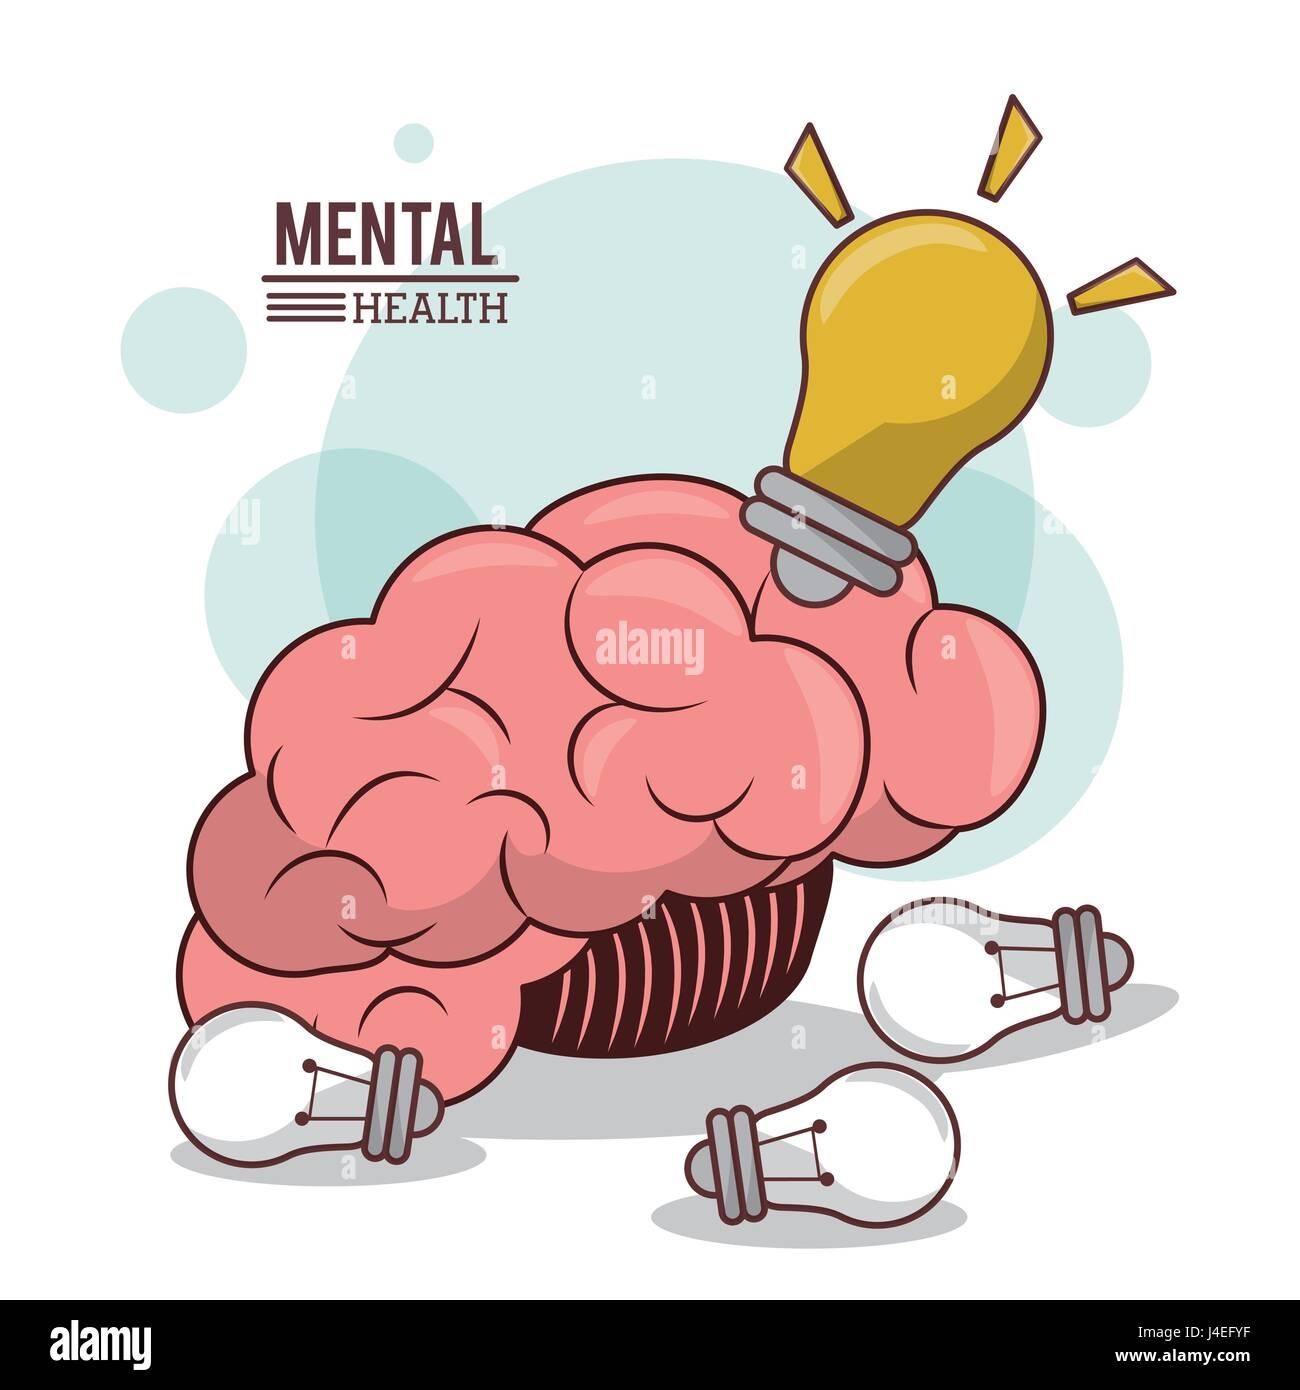 La salud mental, el cerebro humano mente innovación idea bombilla Imagen De Stock